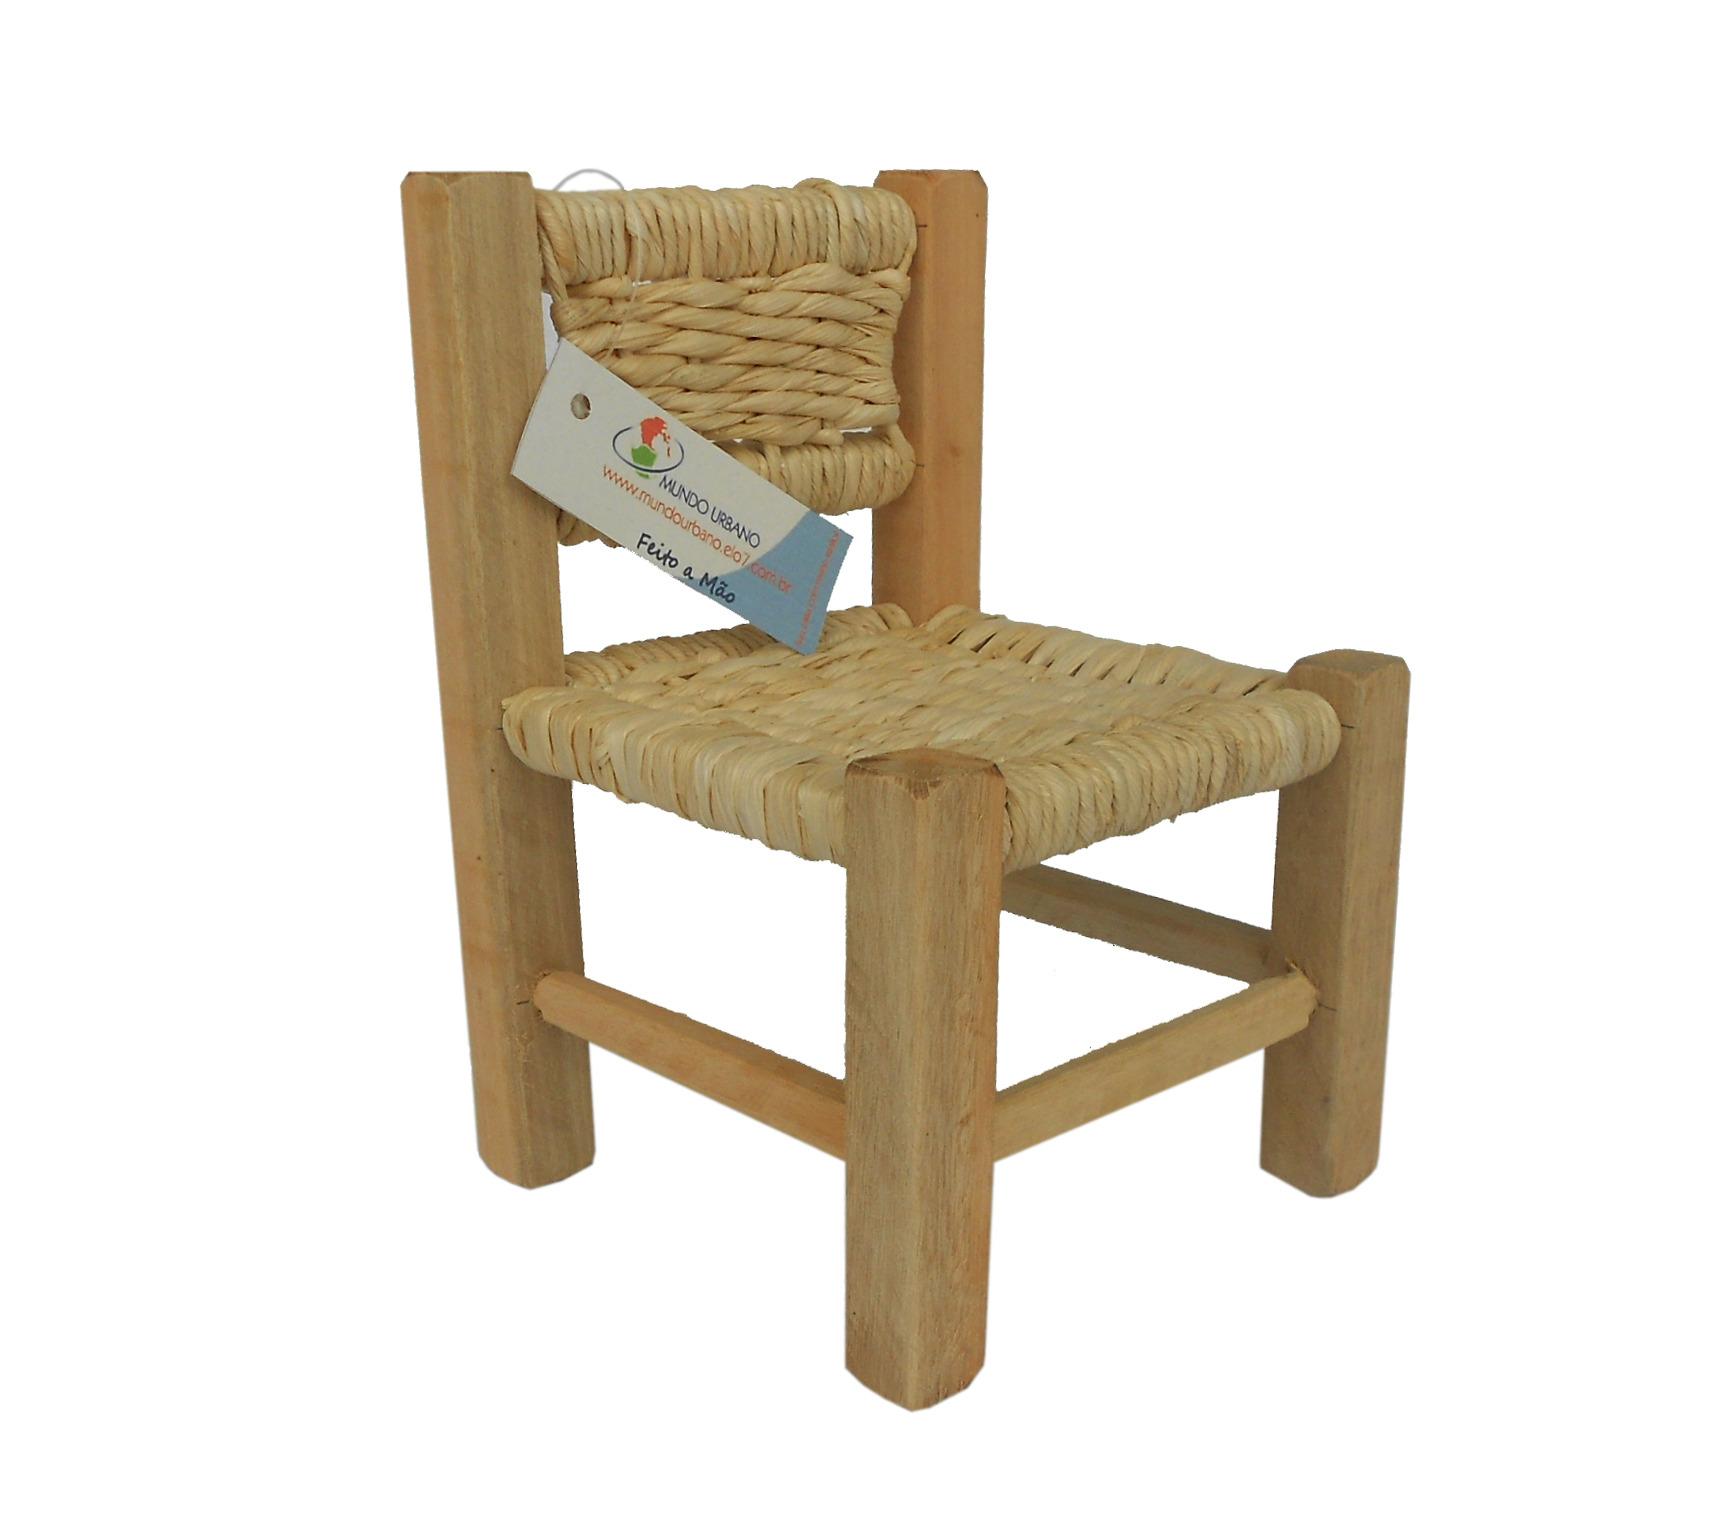 cadeira madeira e palha milho 15x15x23 cadeira madeira e palha milho  #A13D2A 1730x1531